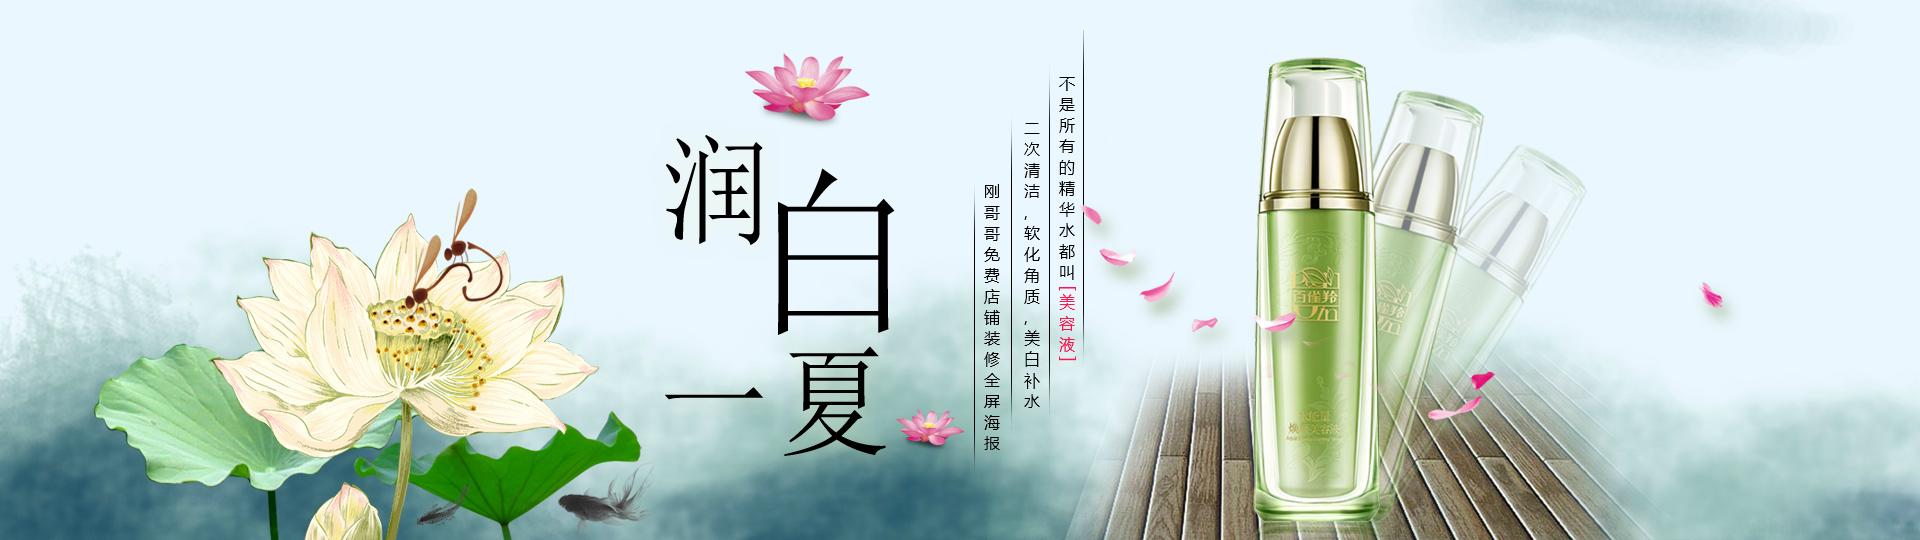 蓝色中国风润白一夏百雀羚精华水美容液淘宝店铺天猫旺铺装修全屏海报图片在线制作